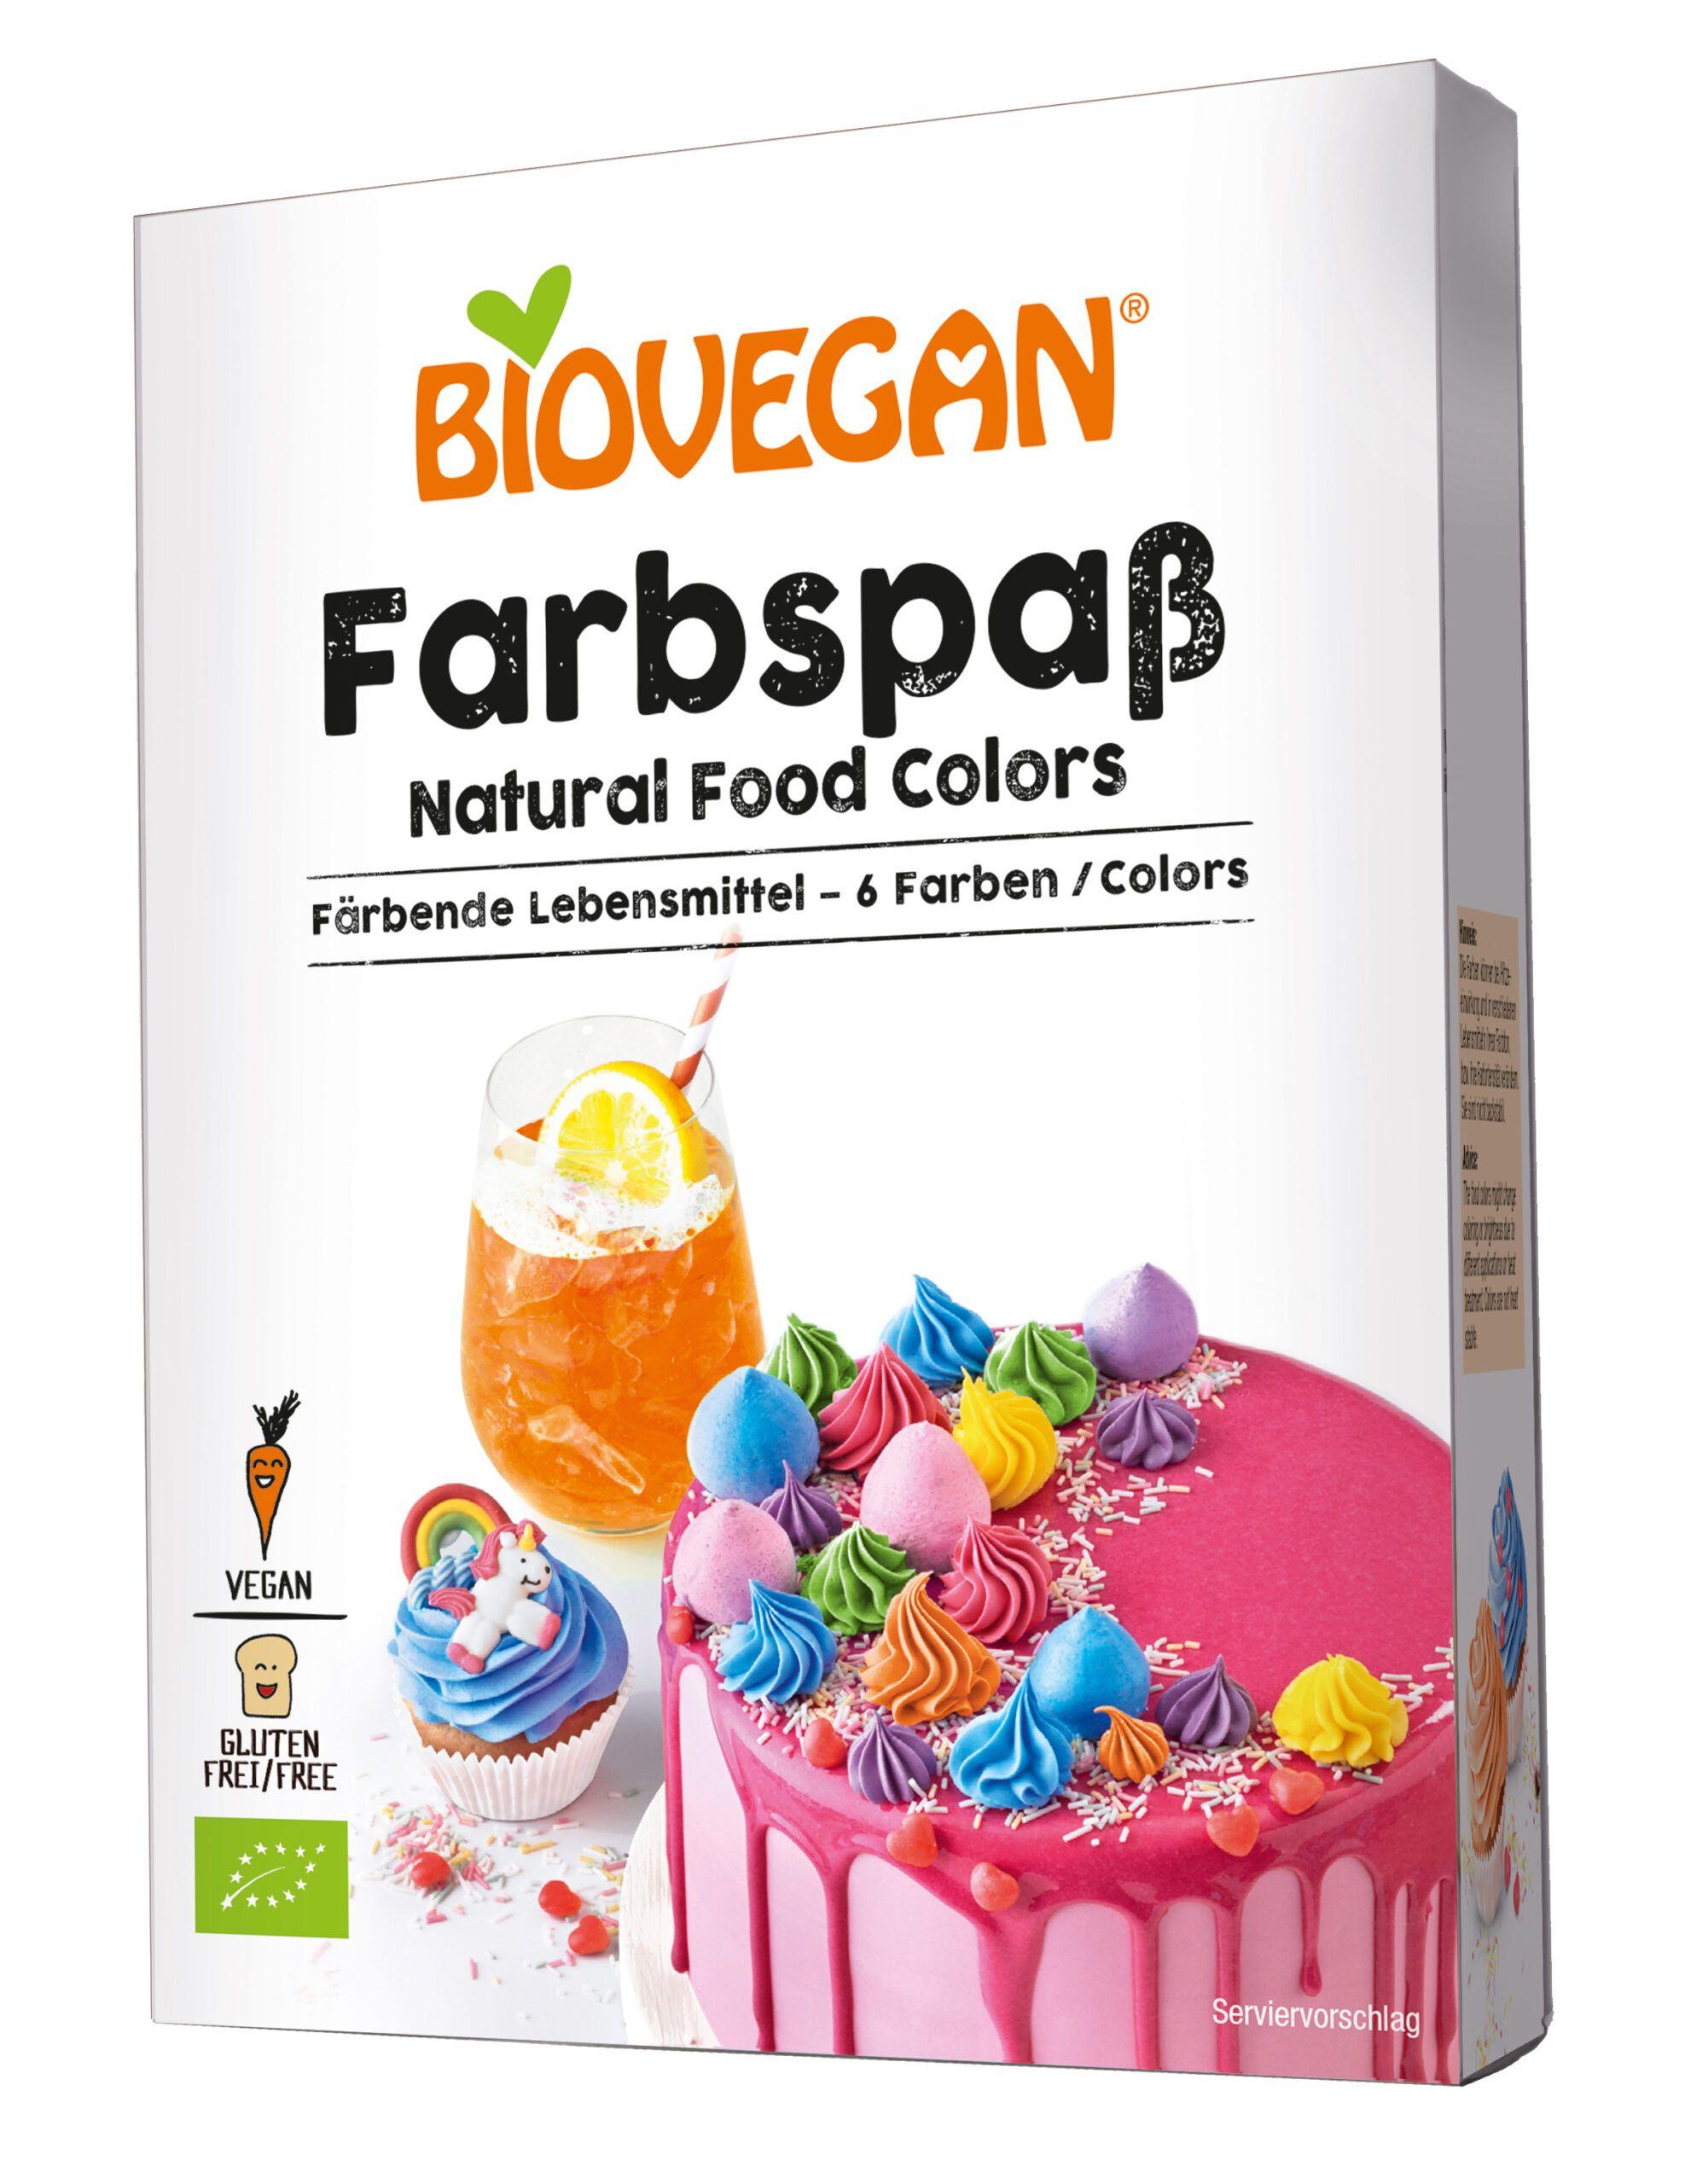 Verpackung Farbspaß färbende Lebensmittel